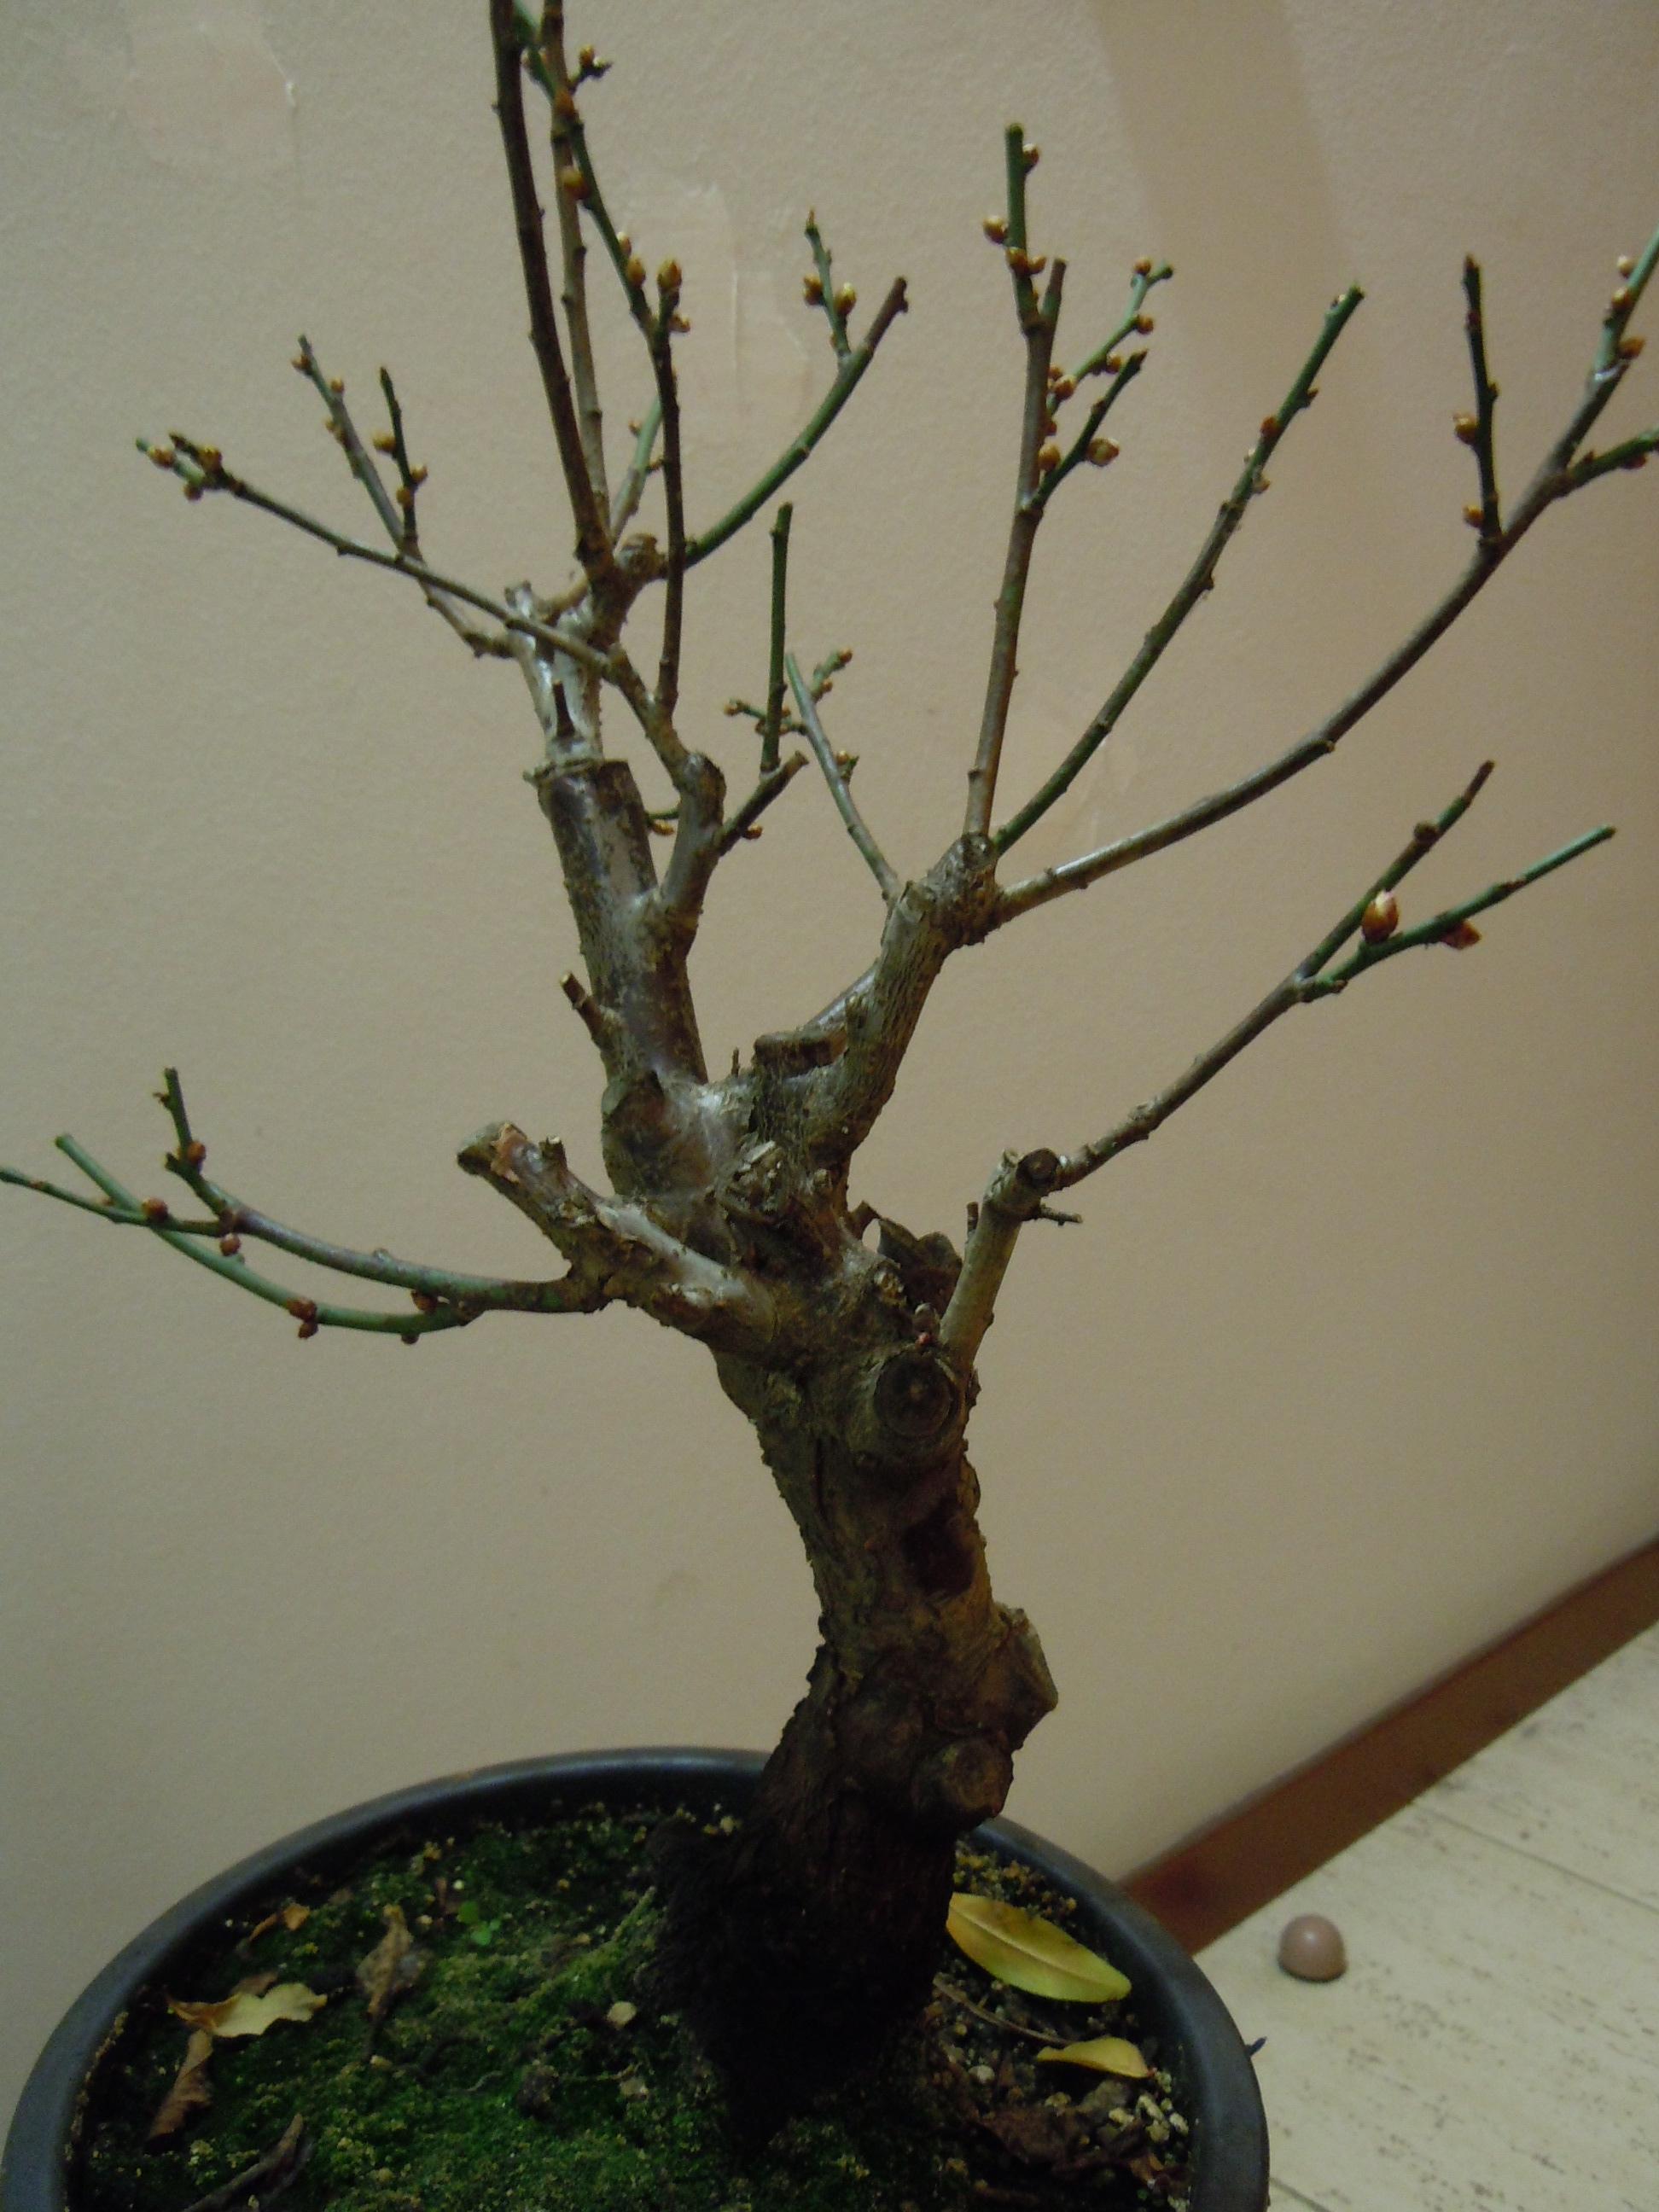 Prunus%20Mume1%202013%20(1).JPG